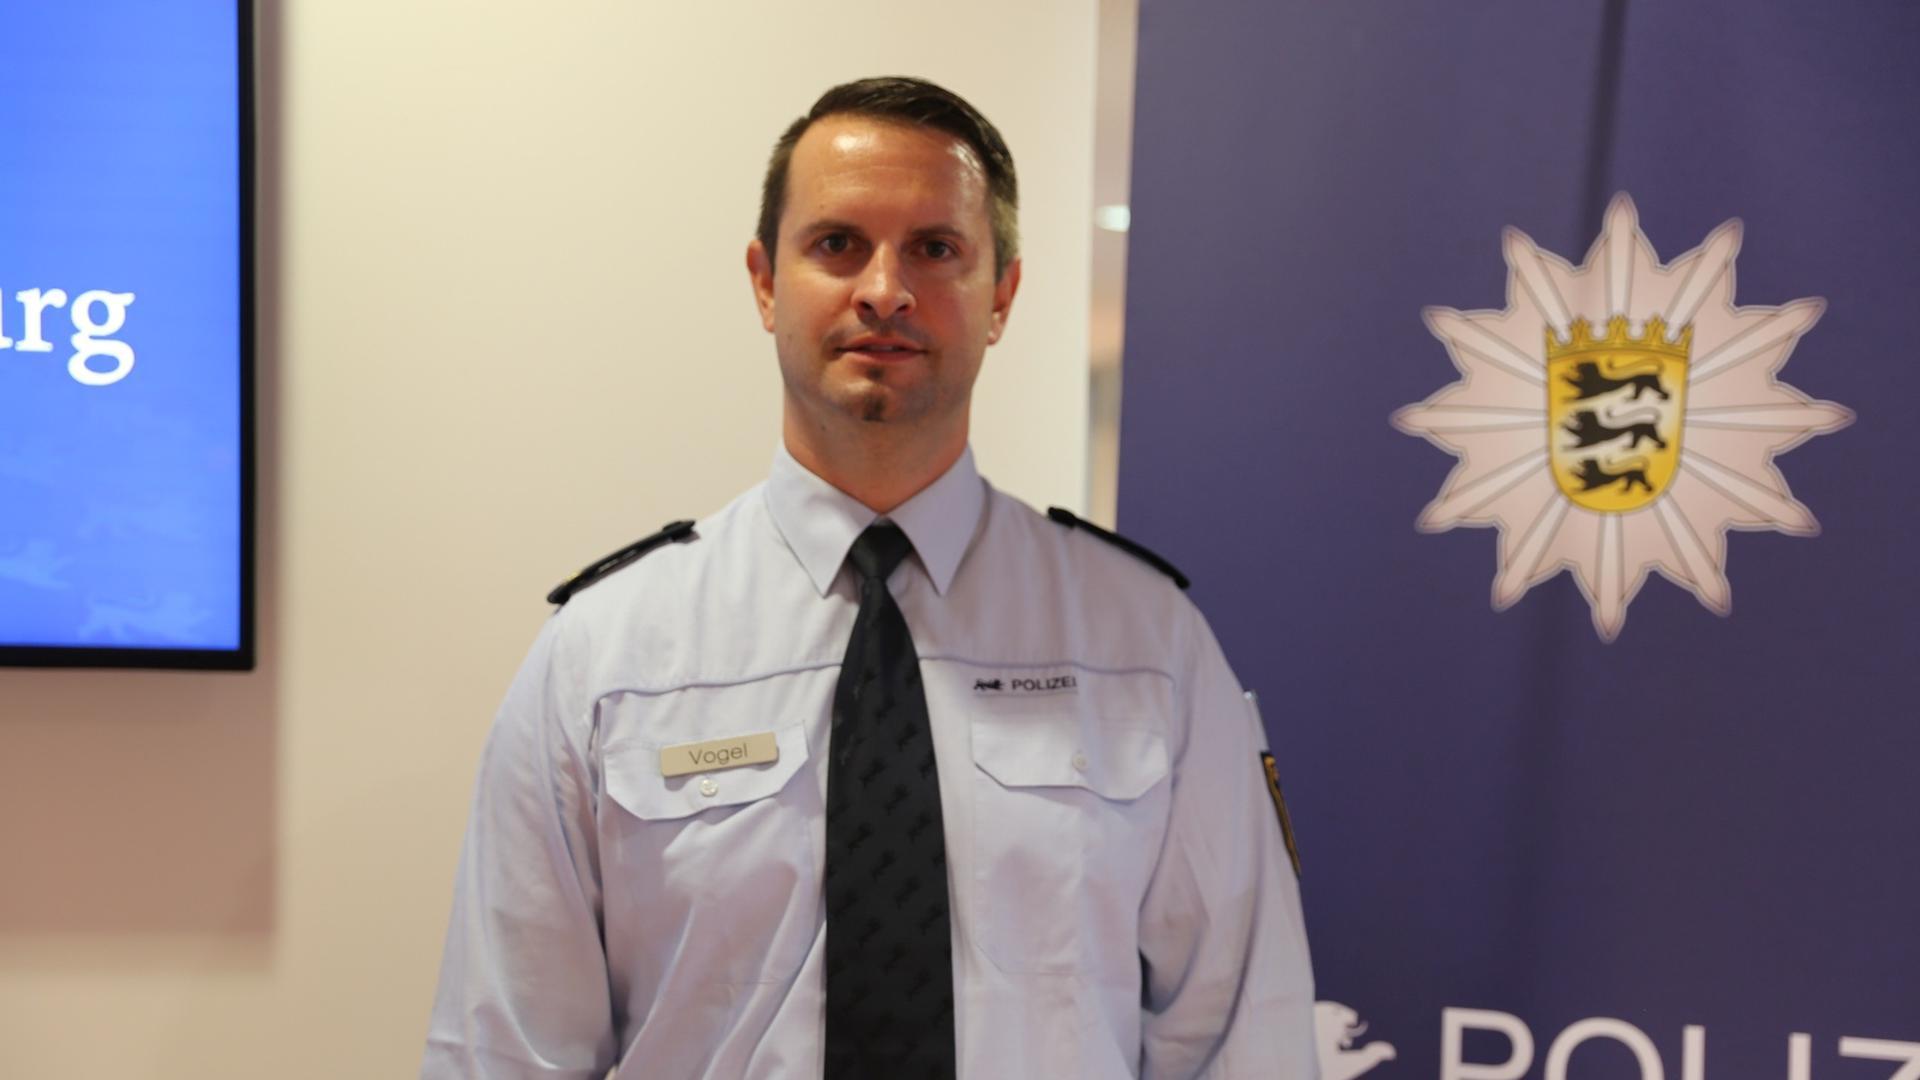 Polizeibeamter und Wappen